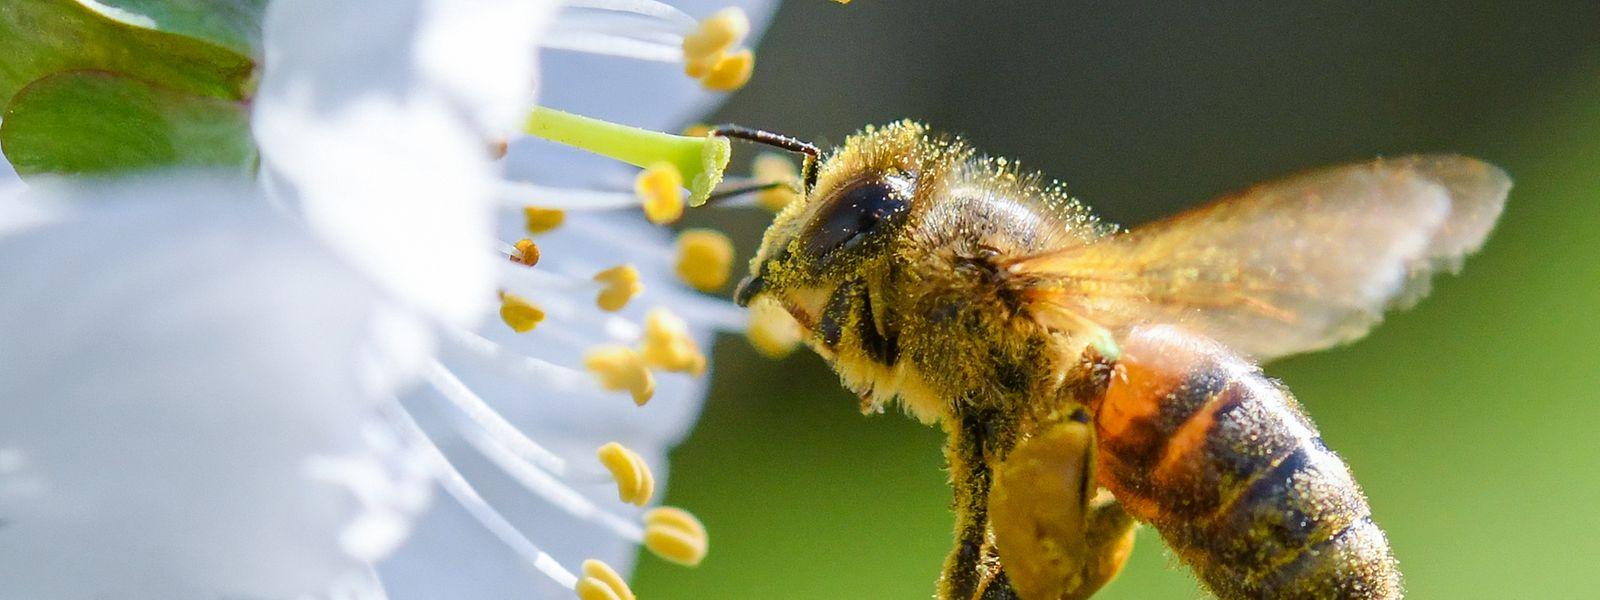 Zu den eifrigen Bestäubern gehören neben den Bienen auch Fligen, Schmetterlinge und Käfer.